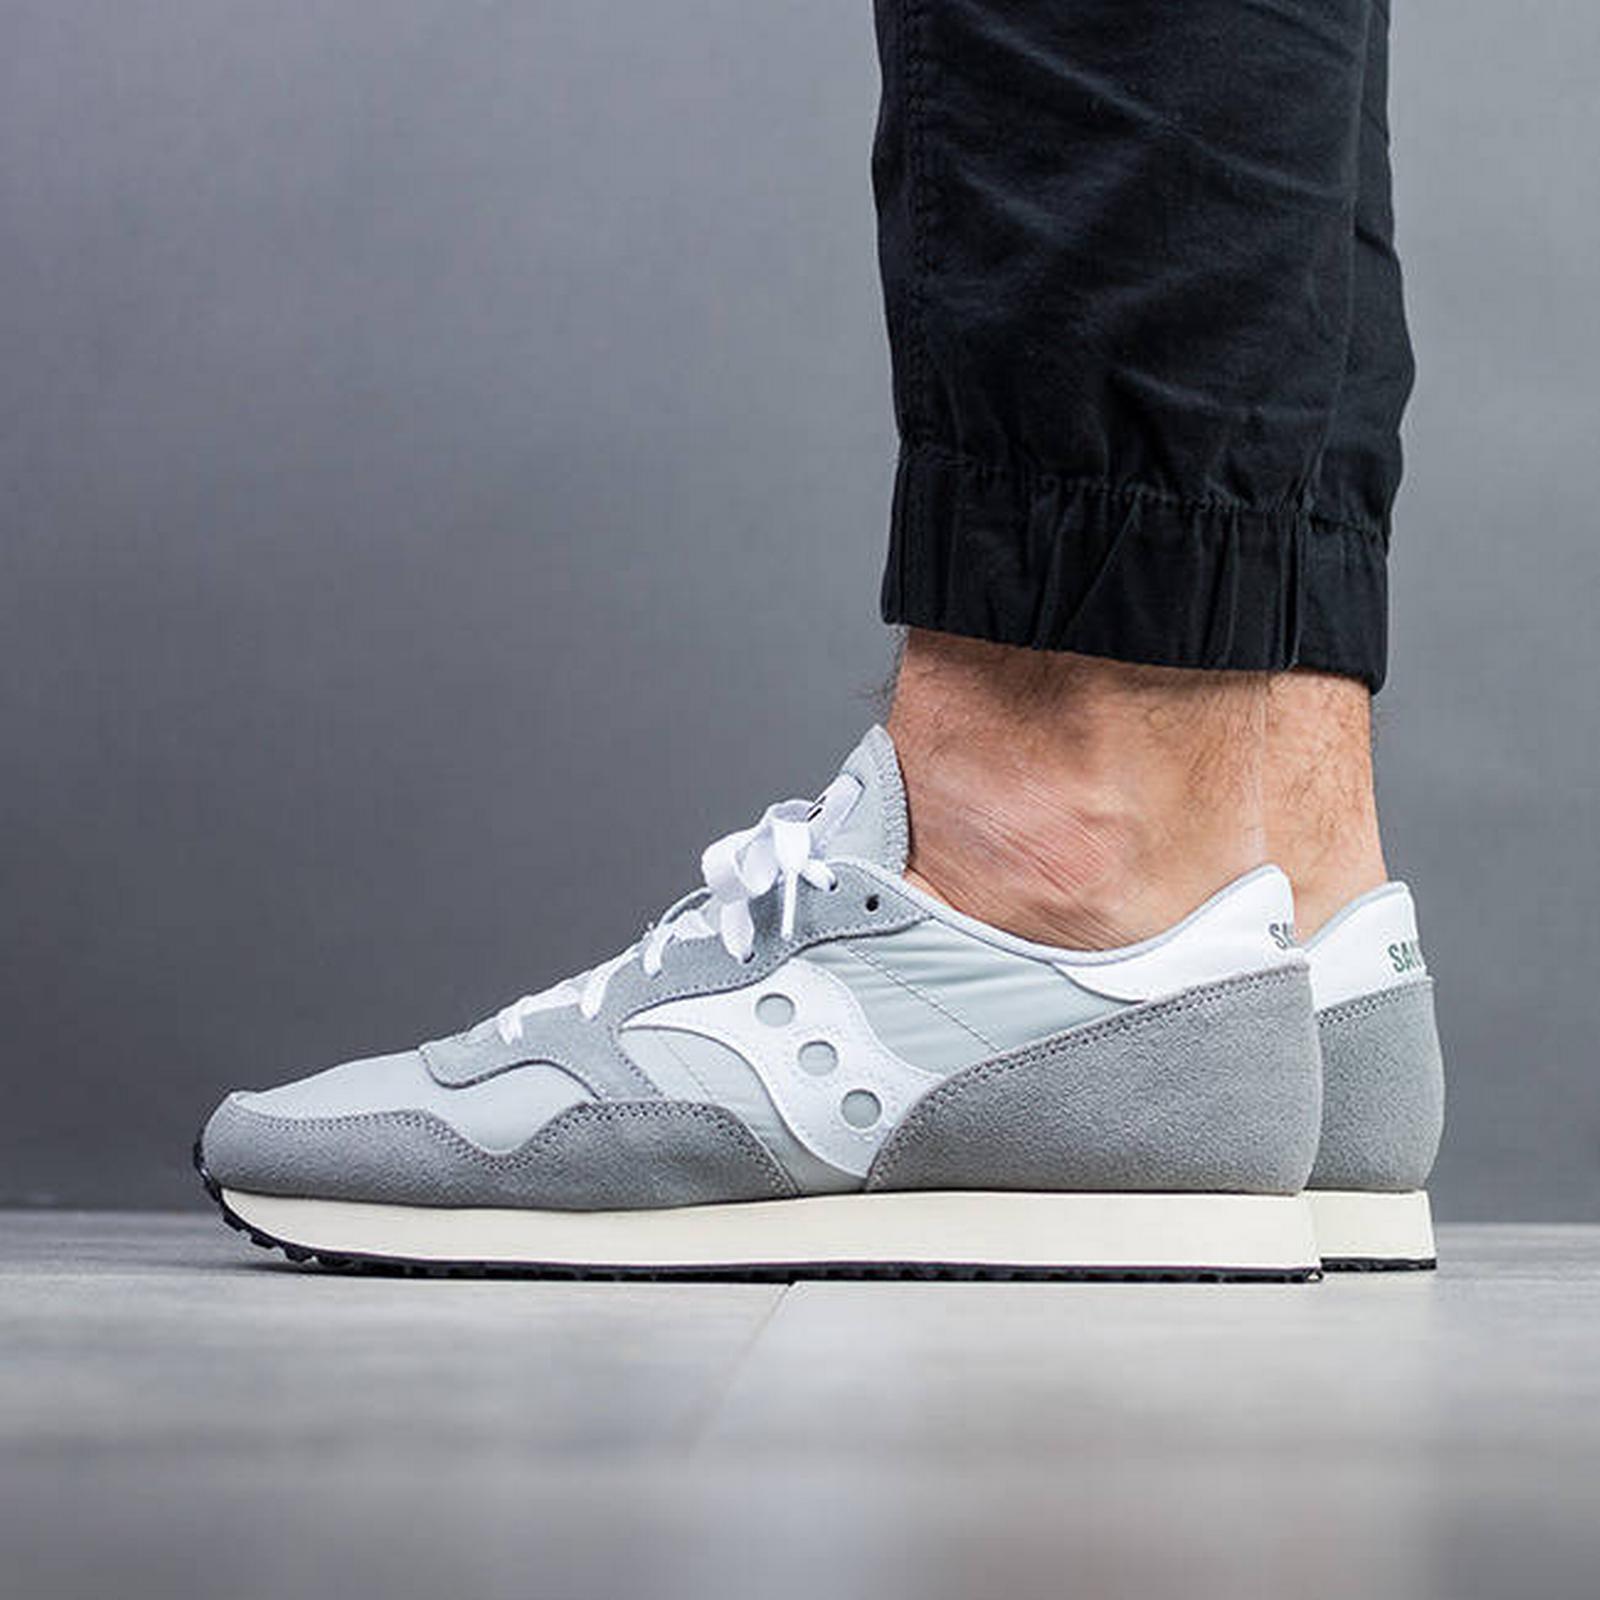 Saucony S70369 Men's Shoes sneakers Saucony Dxn Trainer S70369 Saucony 4 SZARY Size 44,5 ce46e3